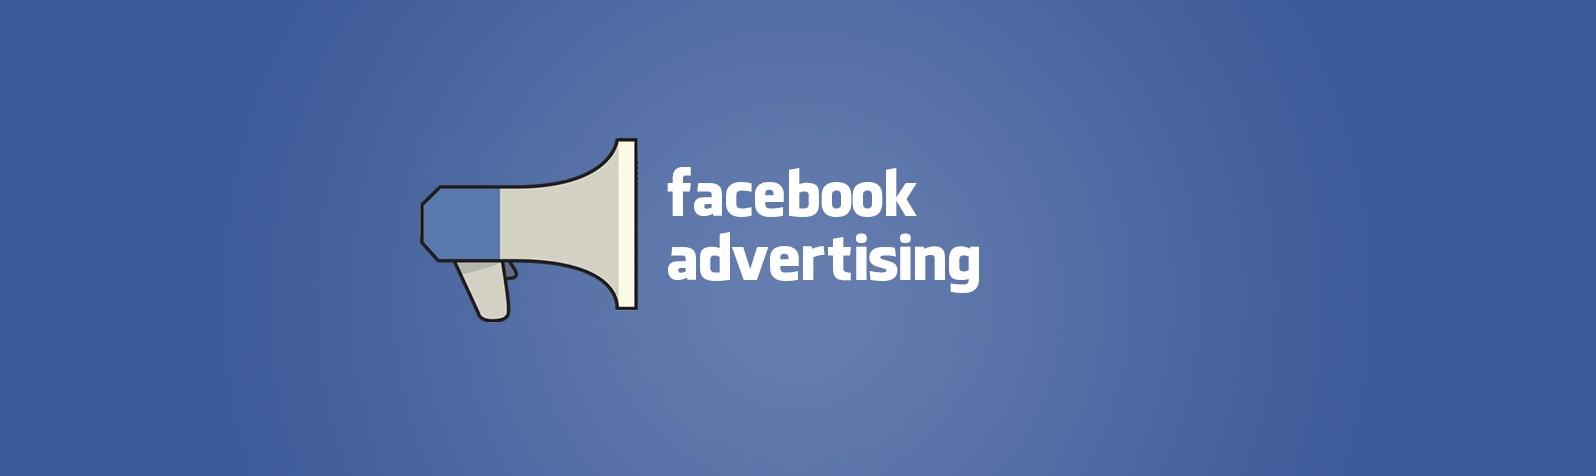 Facebook advertising bristol